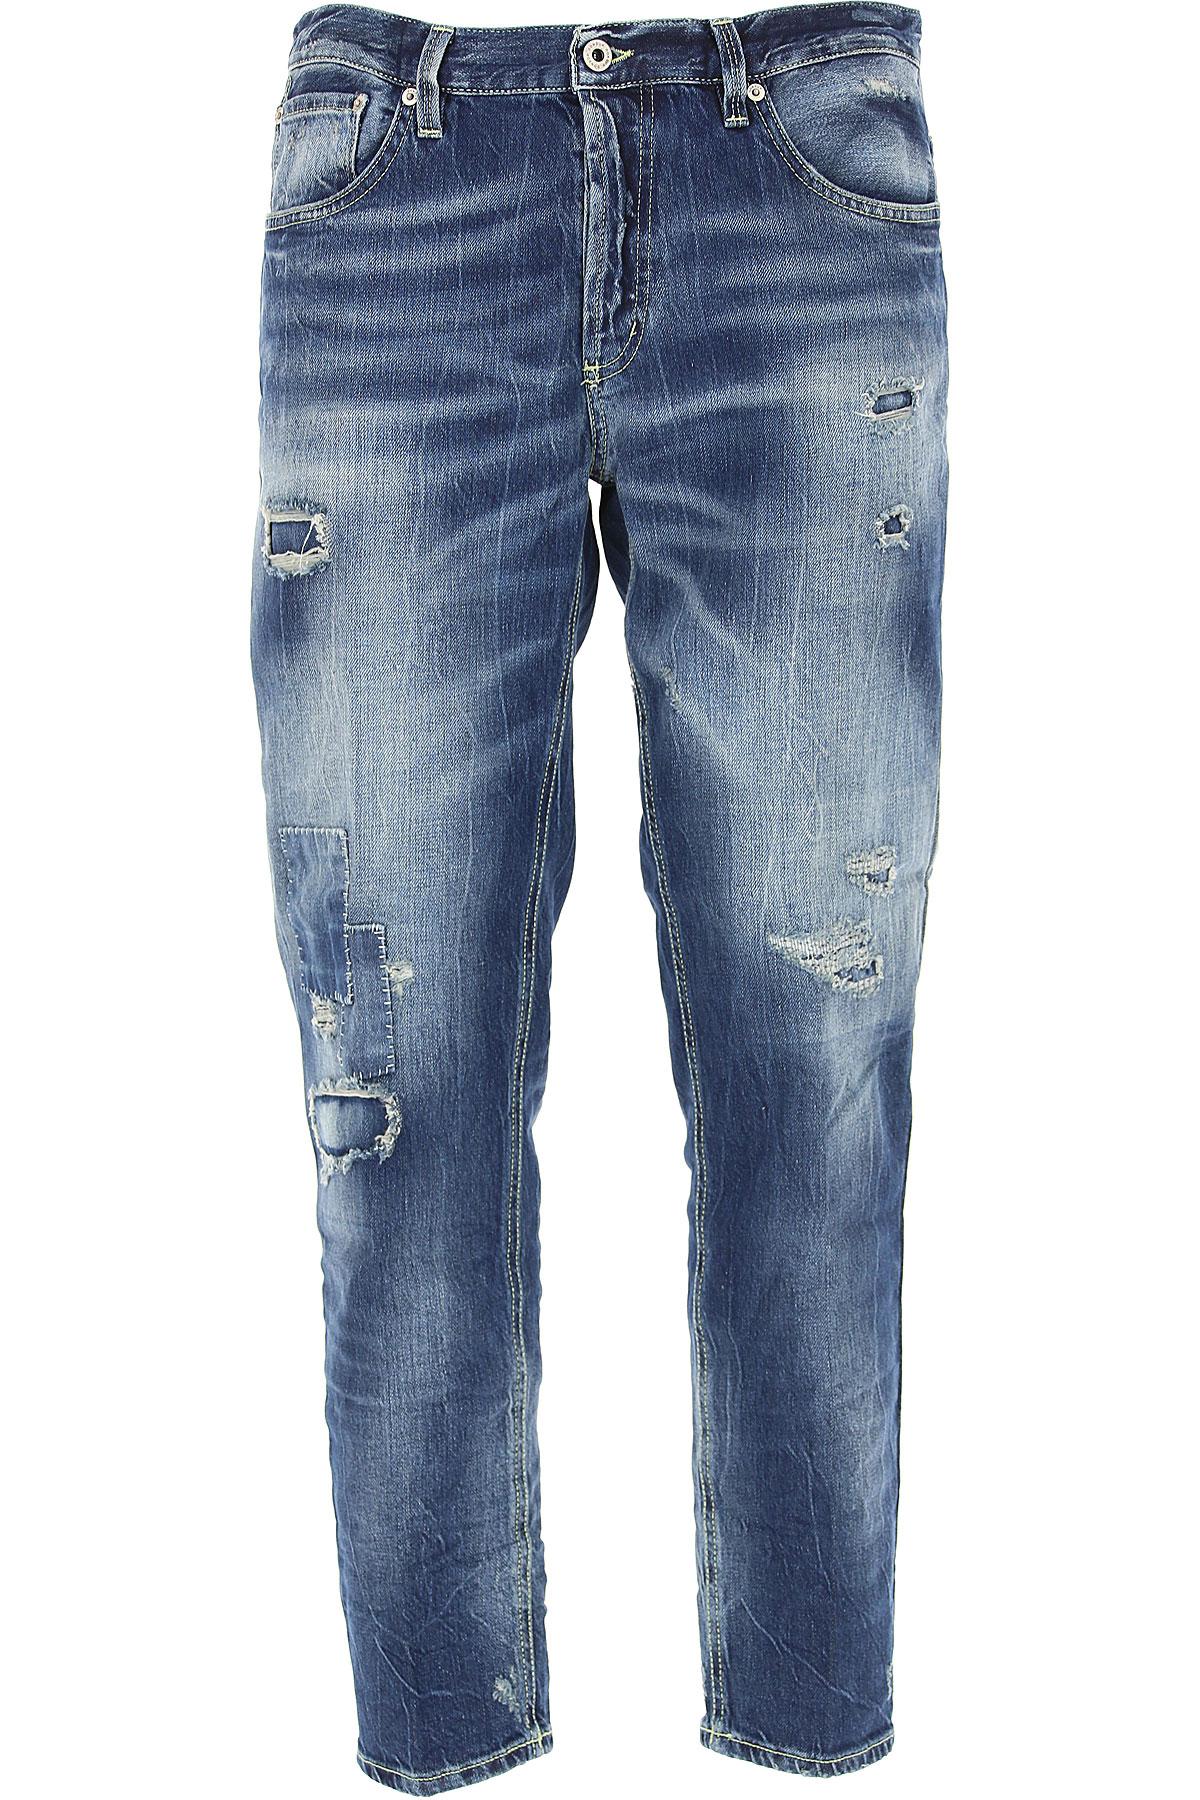 Dondup Jeans, Denim Blue, Cotton, 2017, 31 32 33 34 36